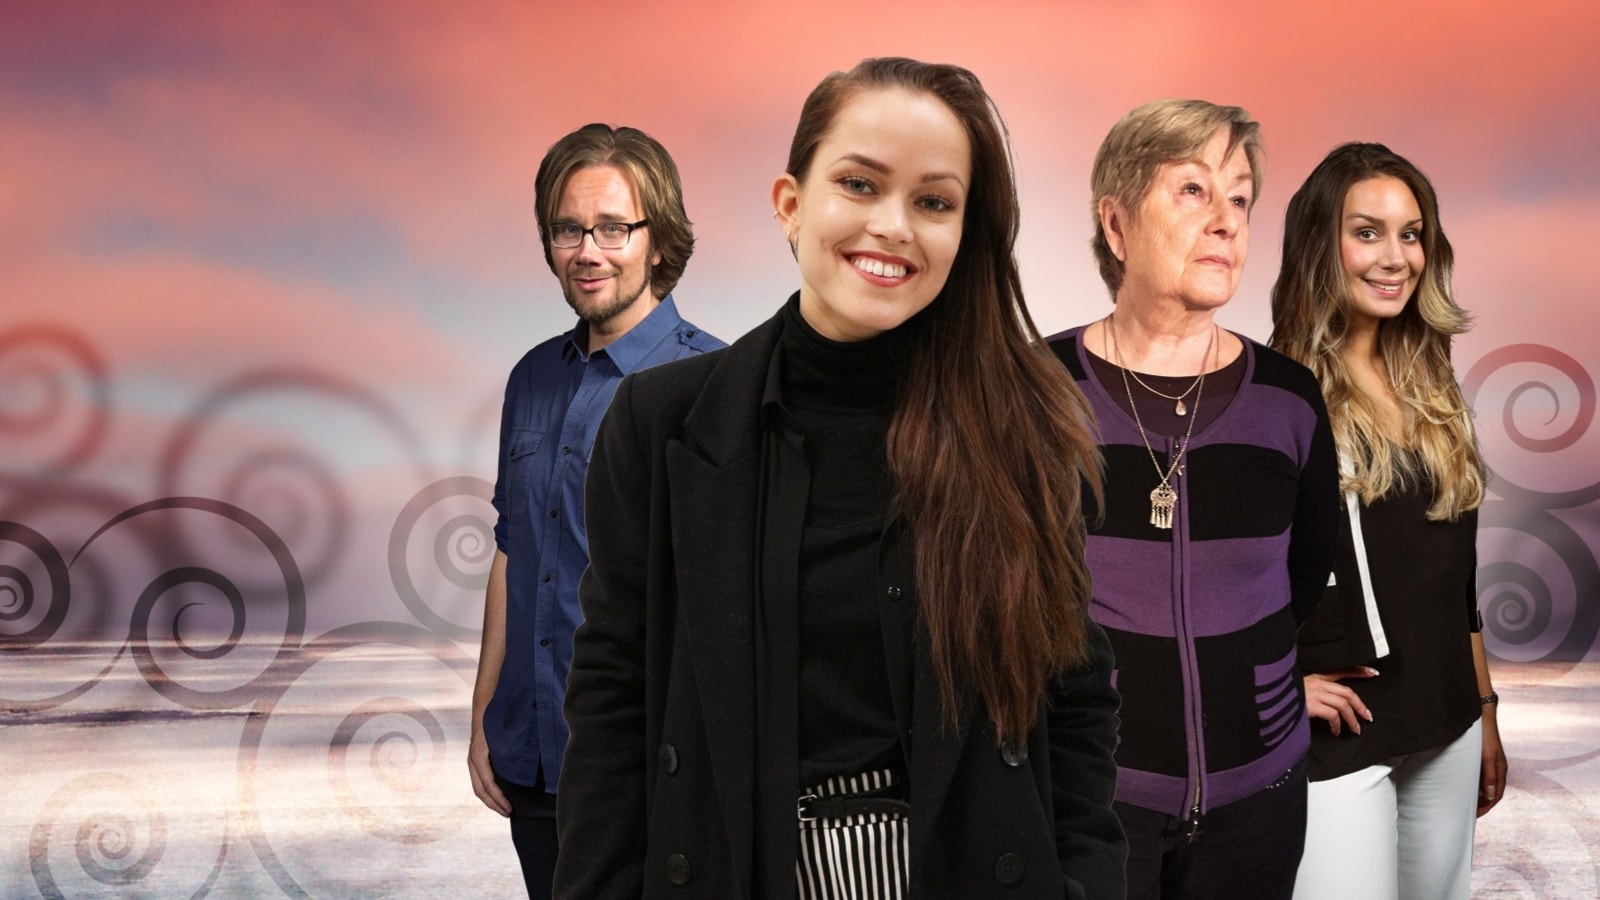 Amanda lever genom musiken och Wuokko tror på godheten